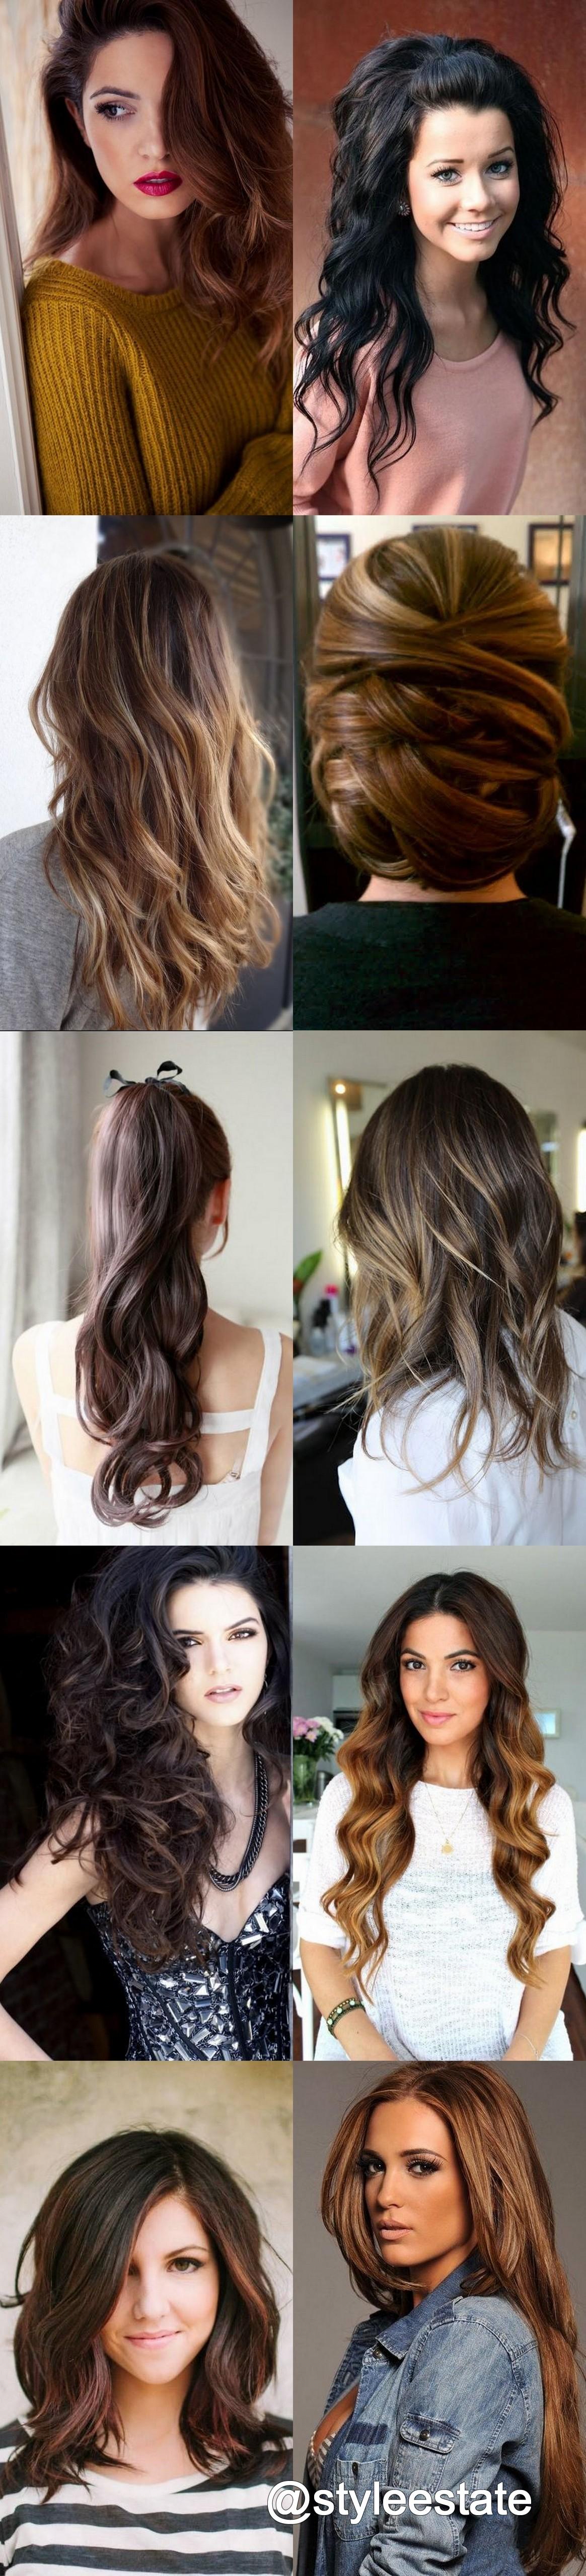 1456913382824 (1164×5120) | Hair styles, Brunette hair ...